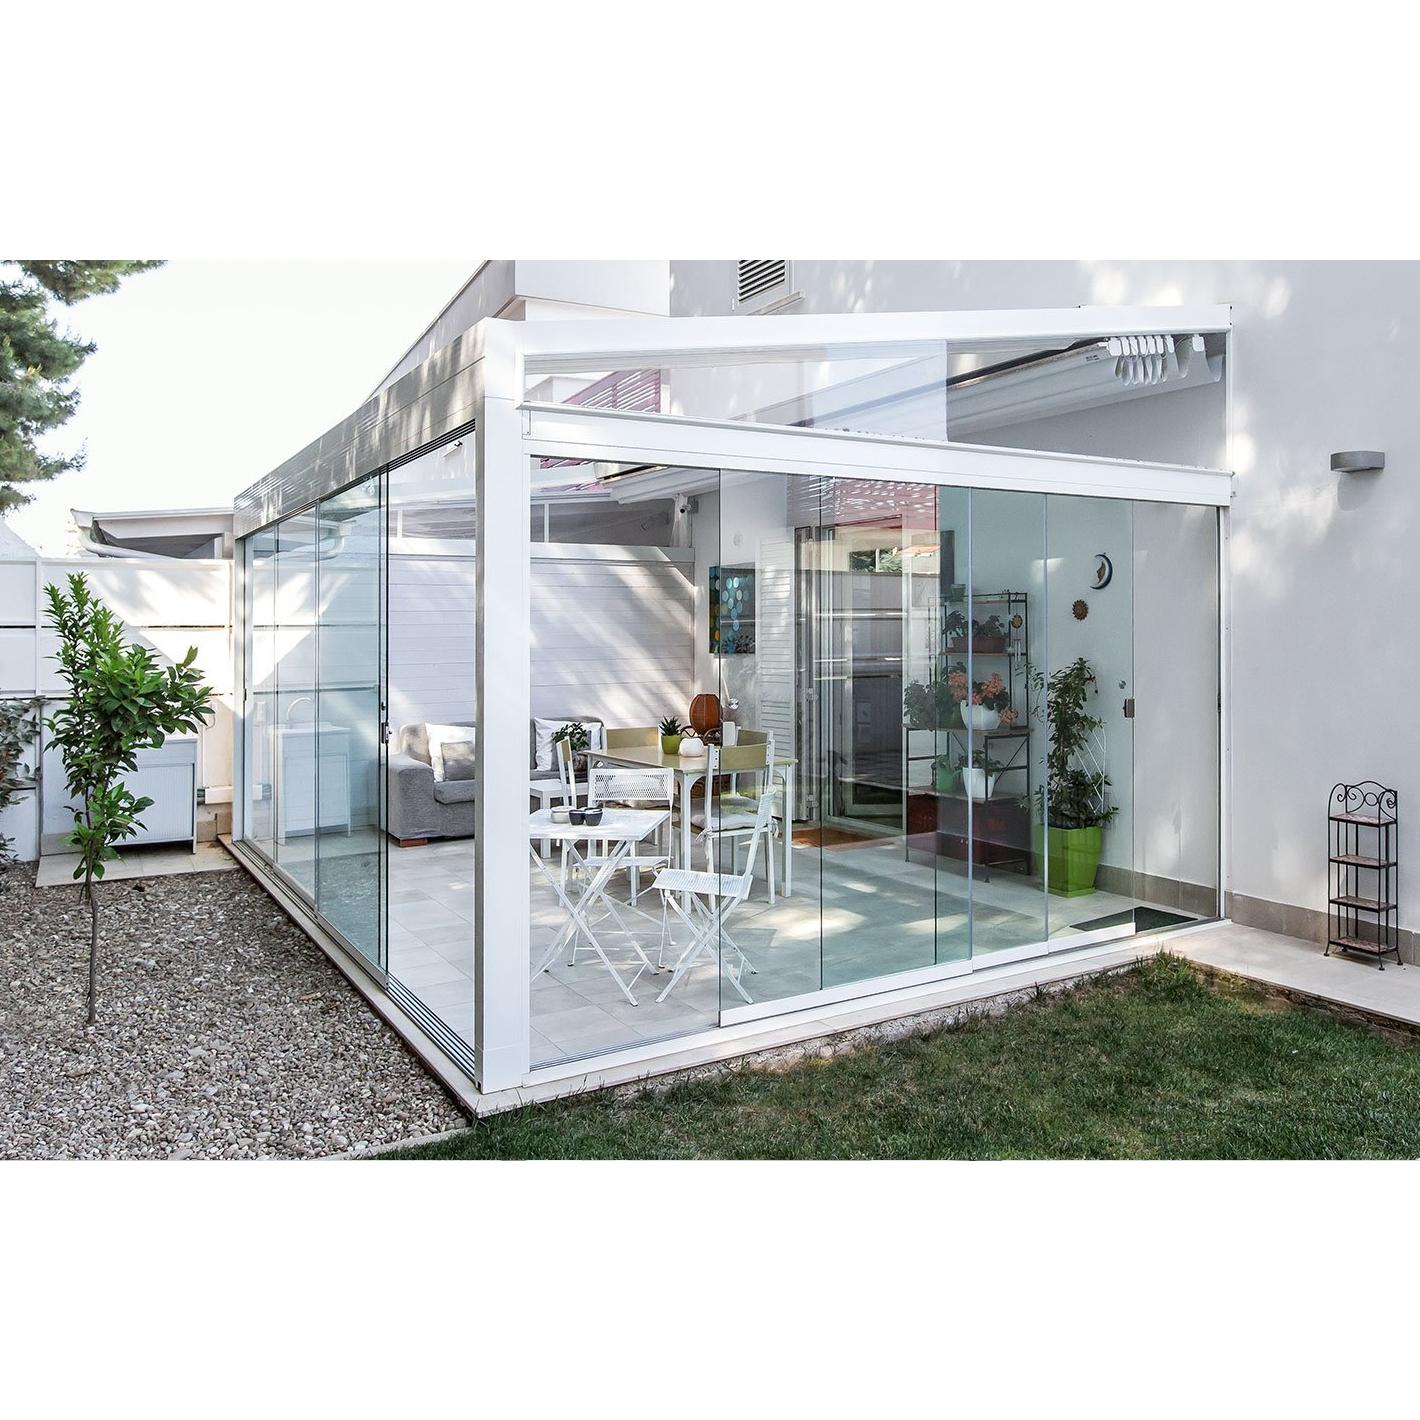 Tende Per Soffitti Inclinati pergola classica in alluminio con tetto inclinato med quadra